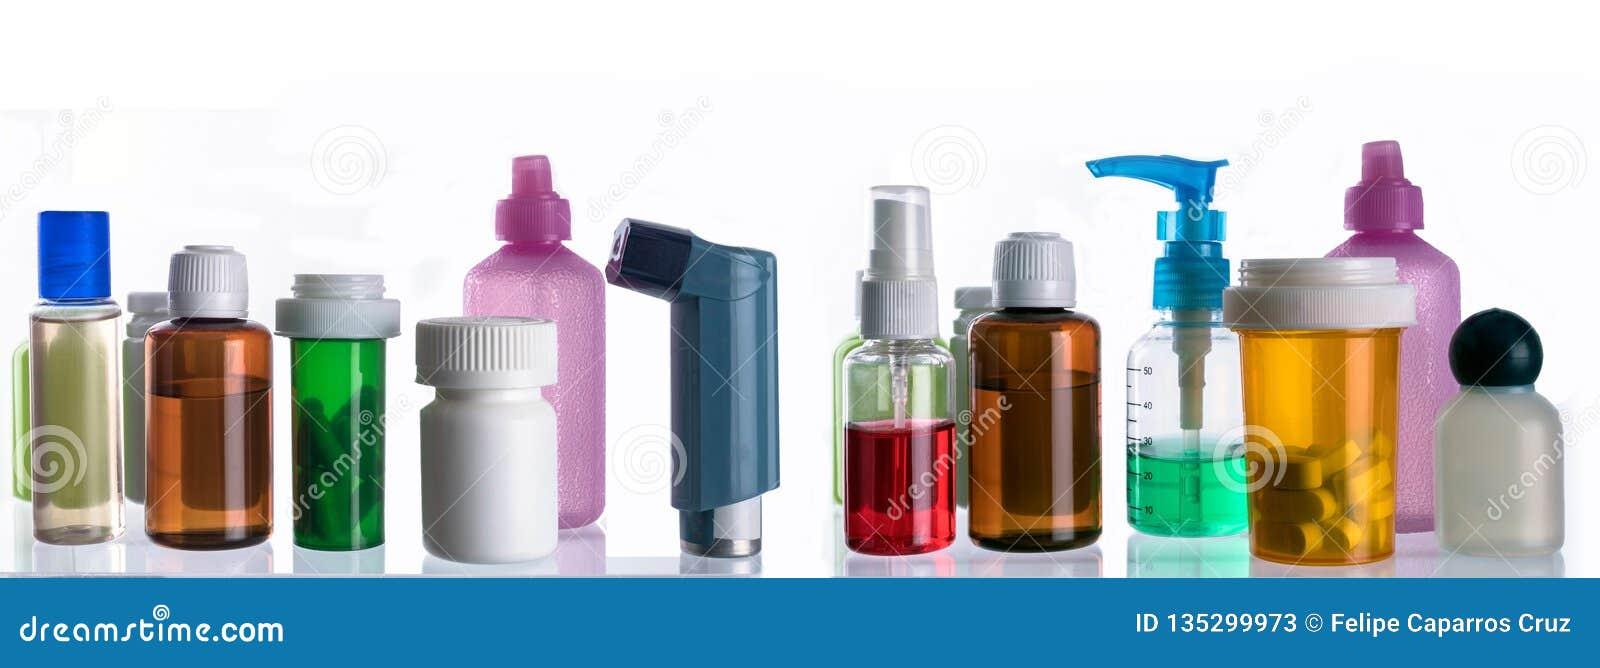 Διαφορετικοί τύποι καλλυντικών συσκευασιών και φαρμάκων που απομονώνονται στο άσπρο υπόβαθρο